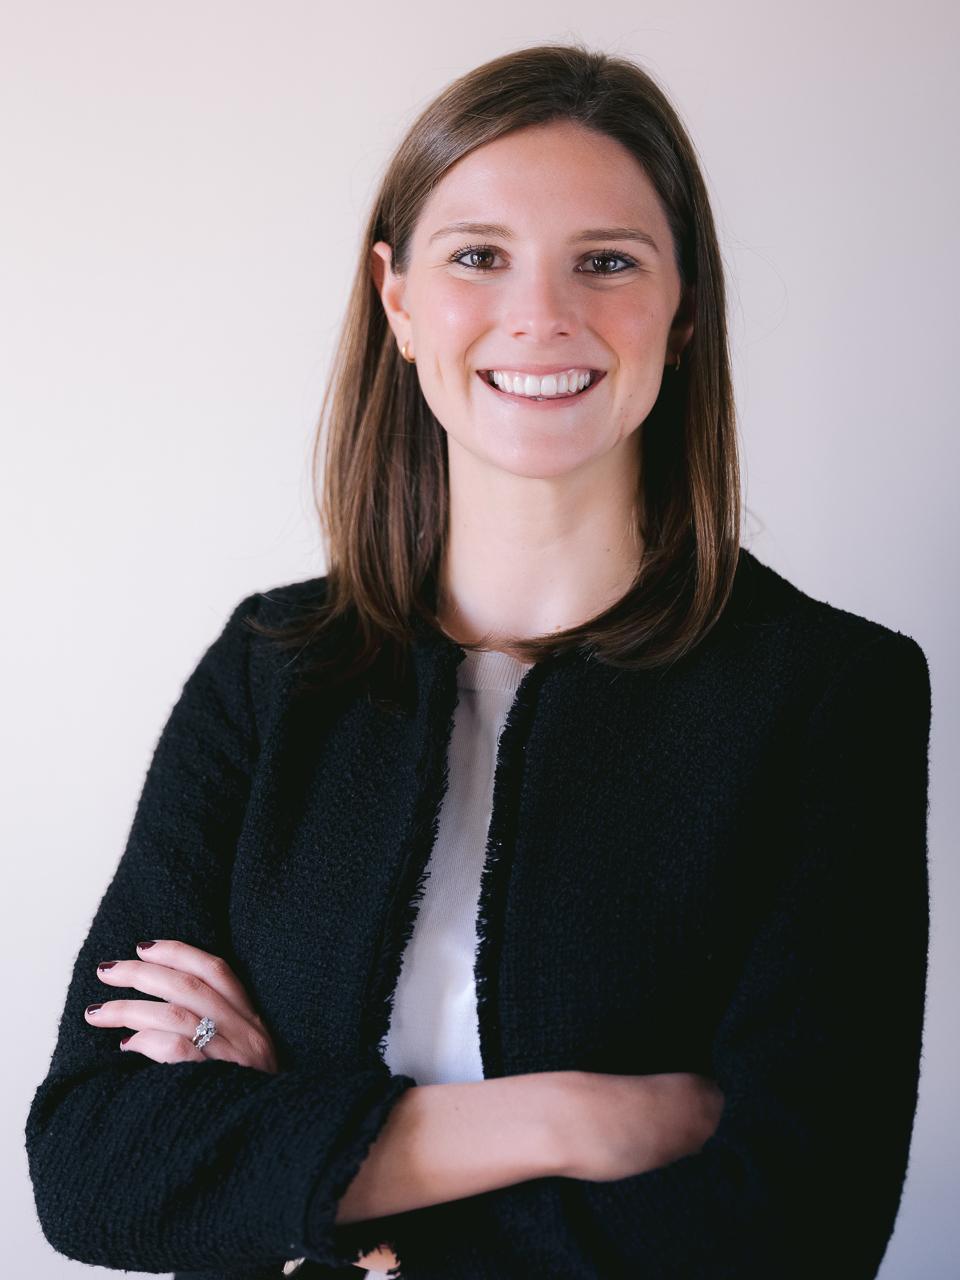 Elaine M. Natoli